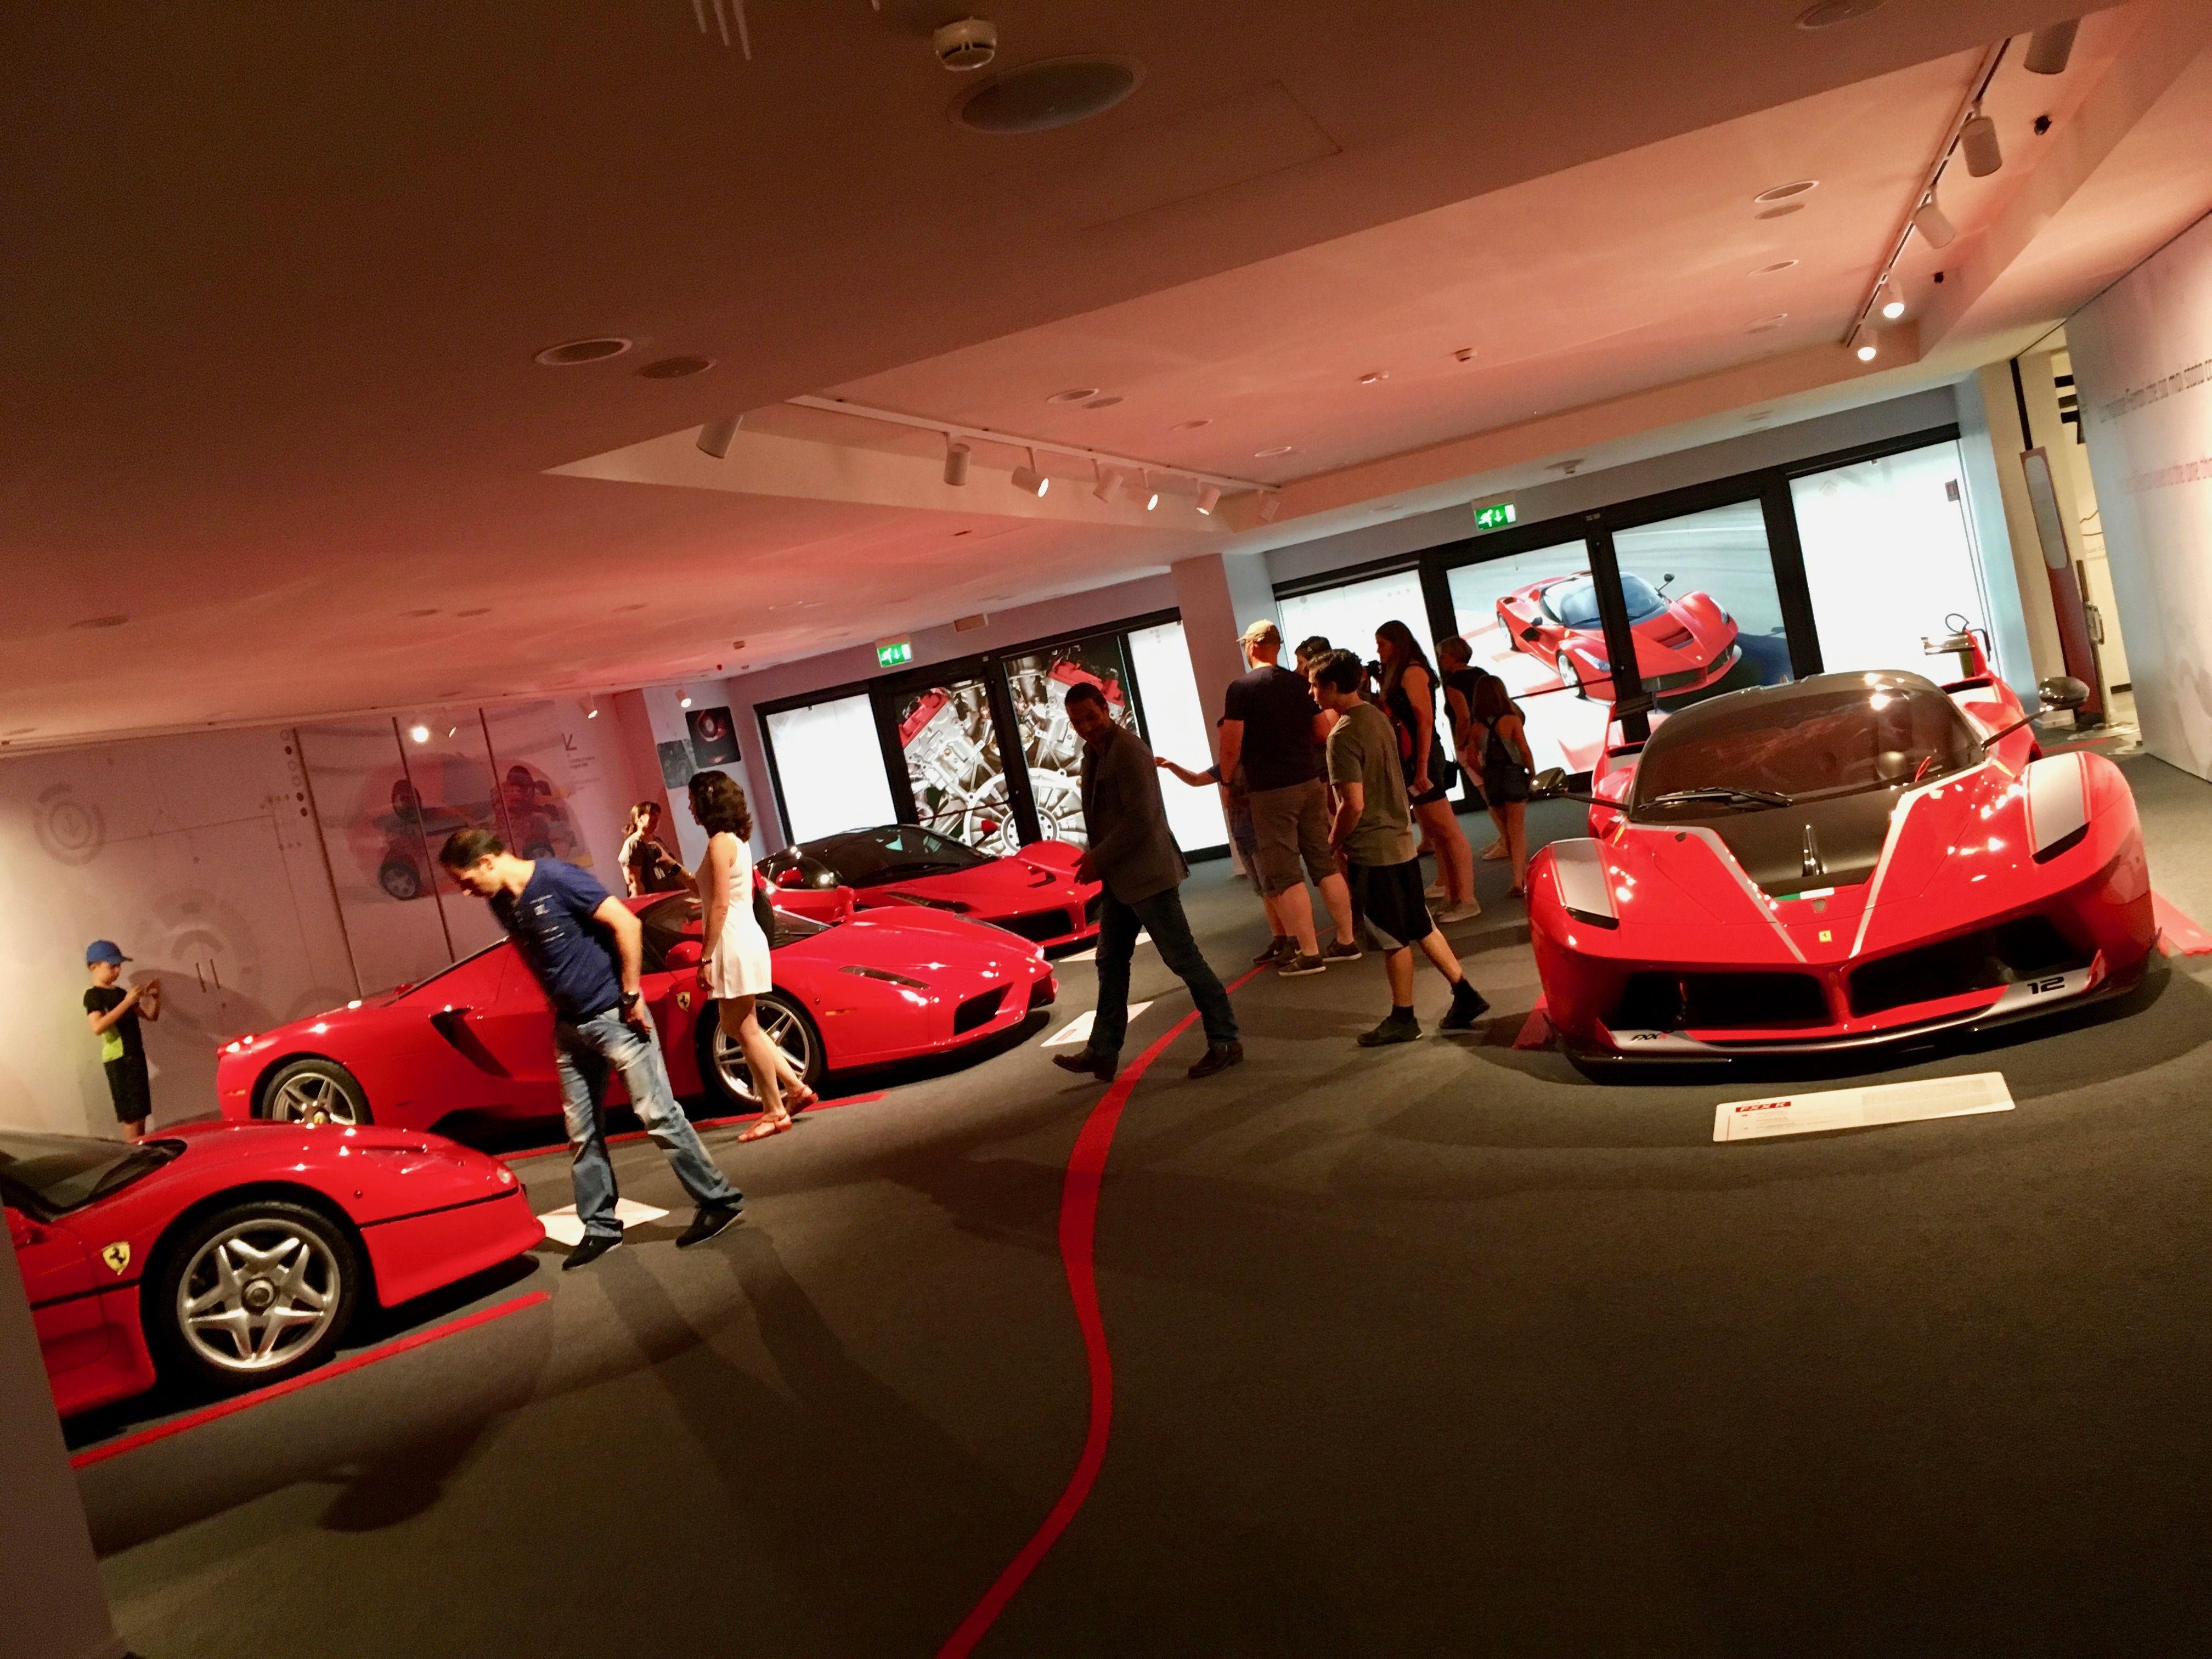 Inside the Ferrari Maranello Museum #BookAclassic #Ferrari #heaven #cardesign #Maranello #FerrariMuseum #F1